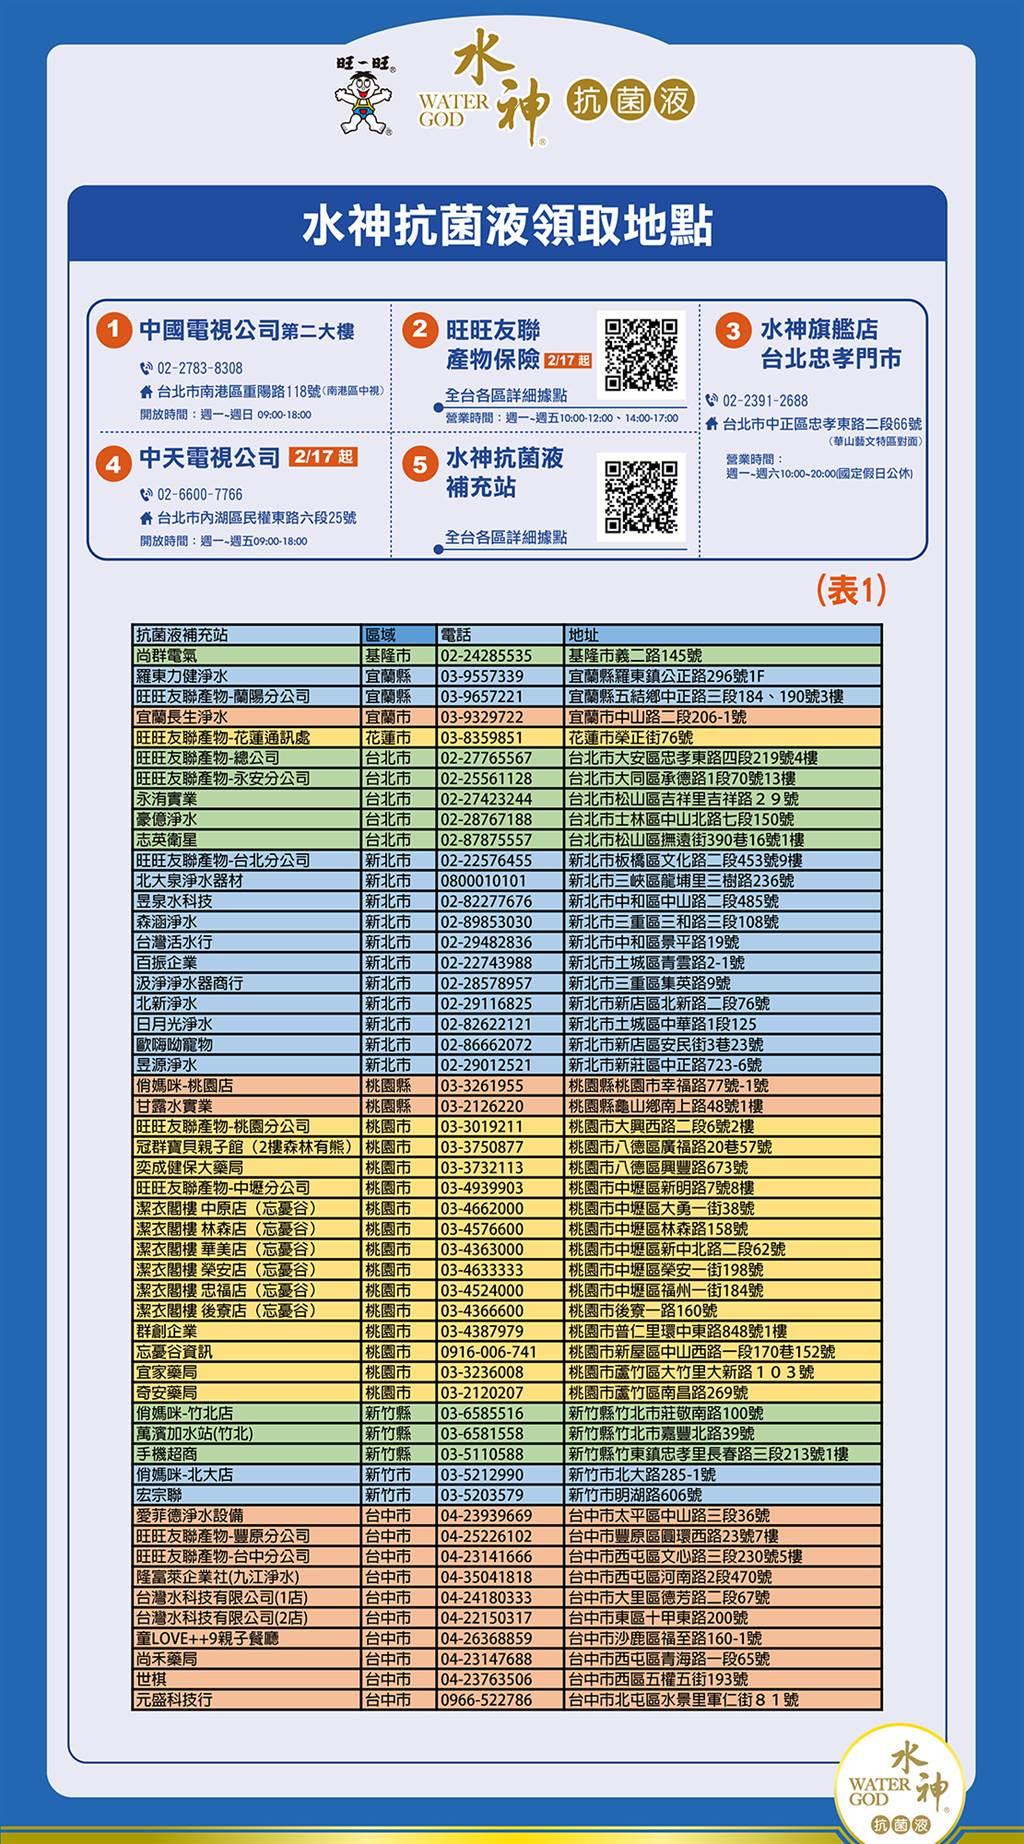 全台水神免費發送地點 (圖/旺旺集團)